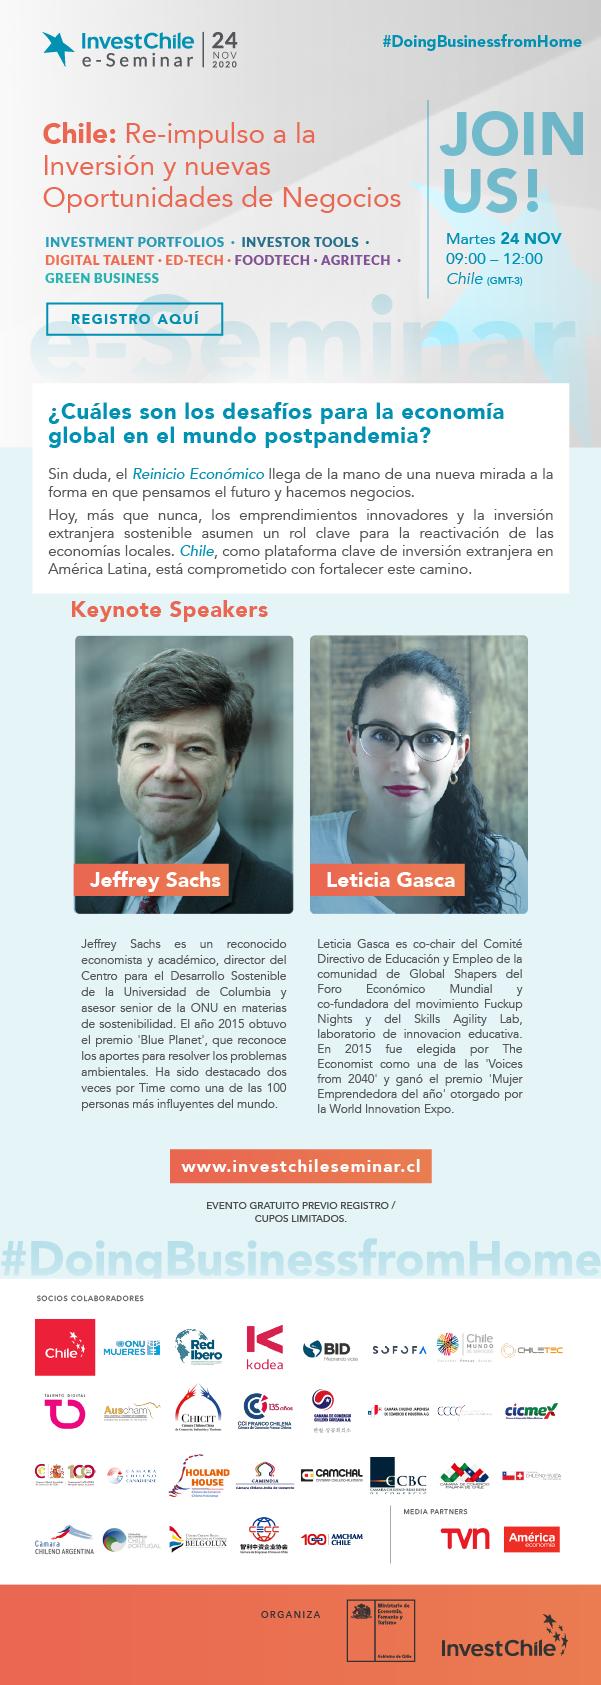 e-Seminar de InvestChile